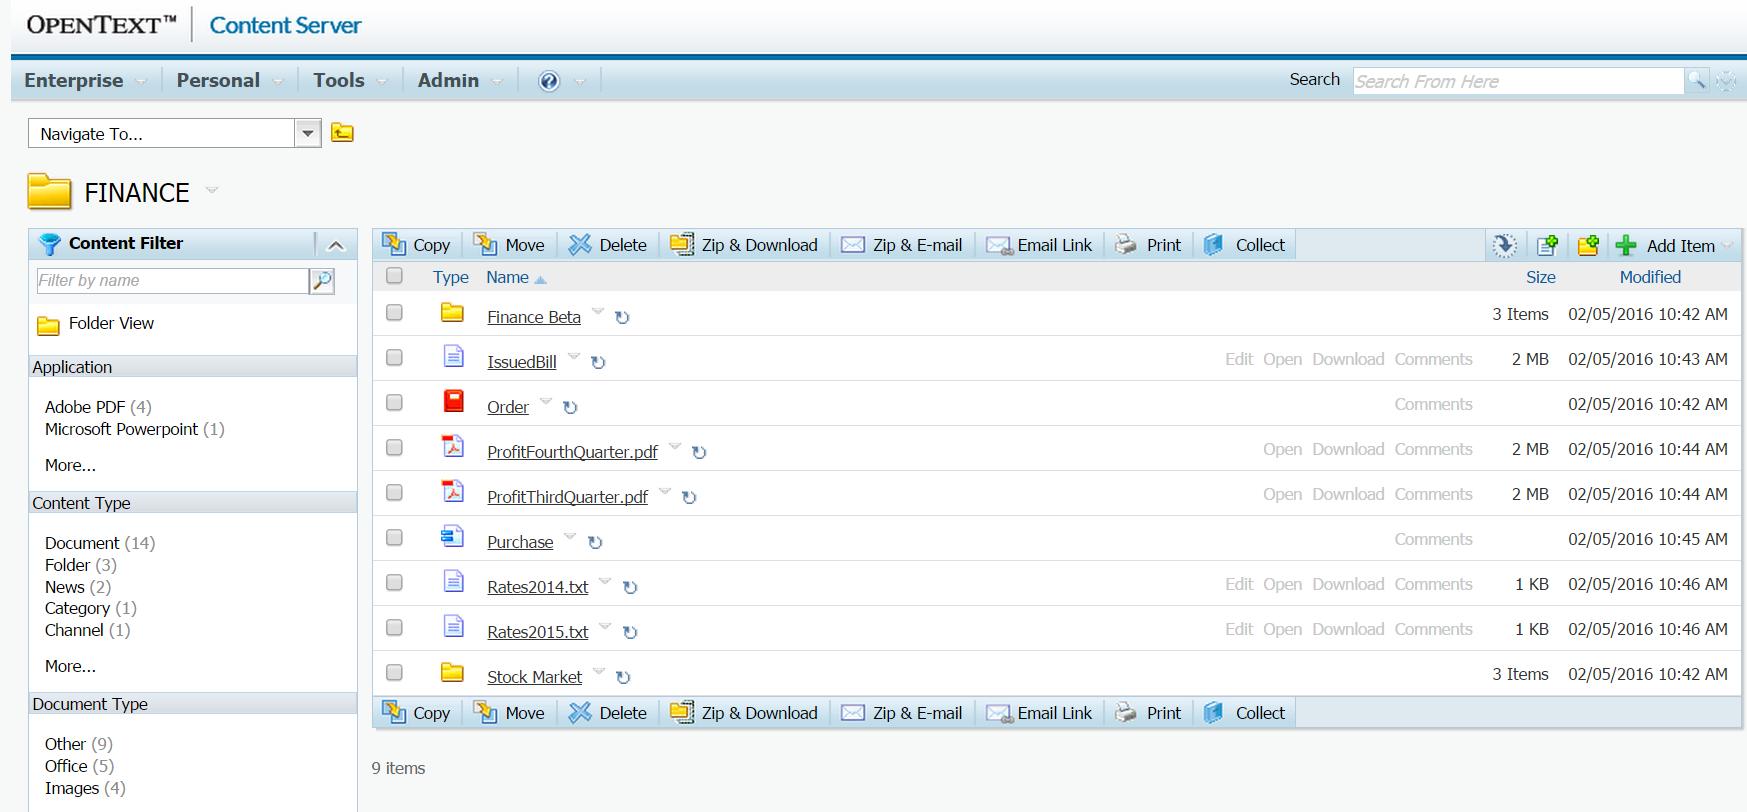 OpenText content server